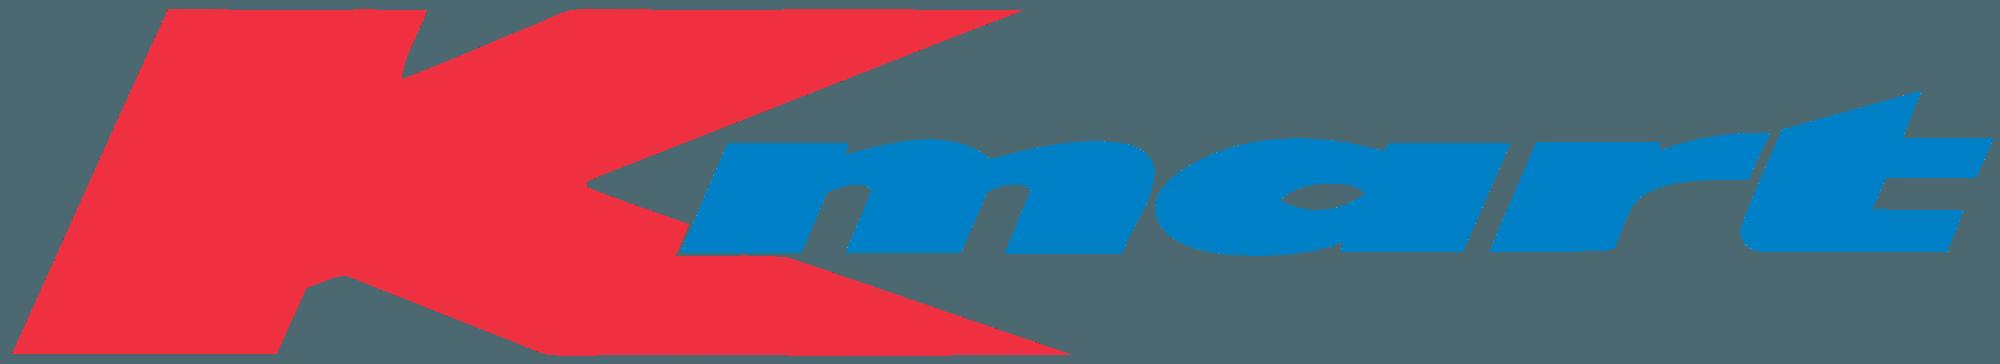 Old Kmart Logo.